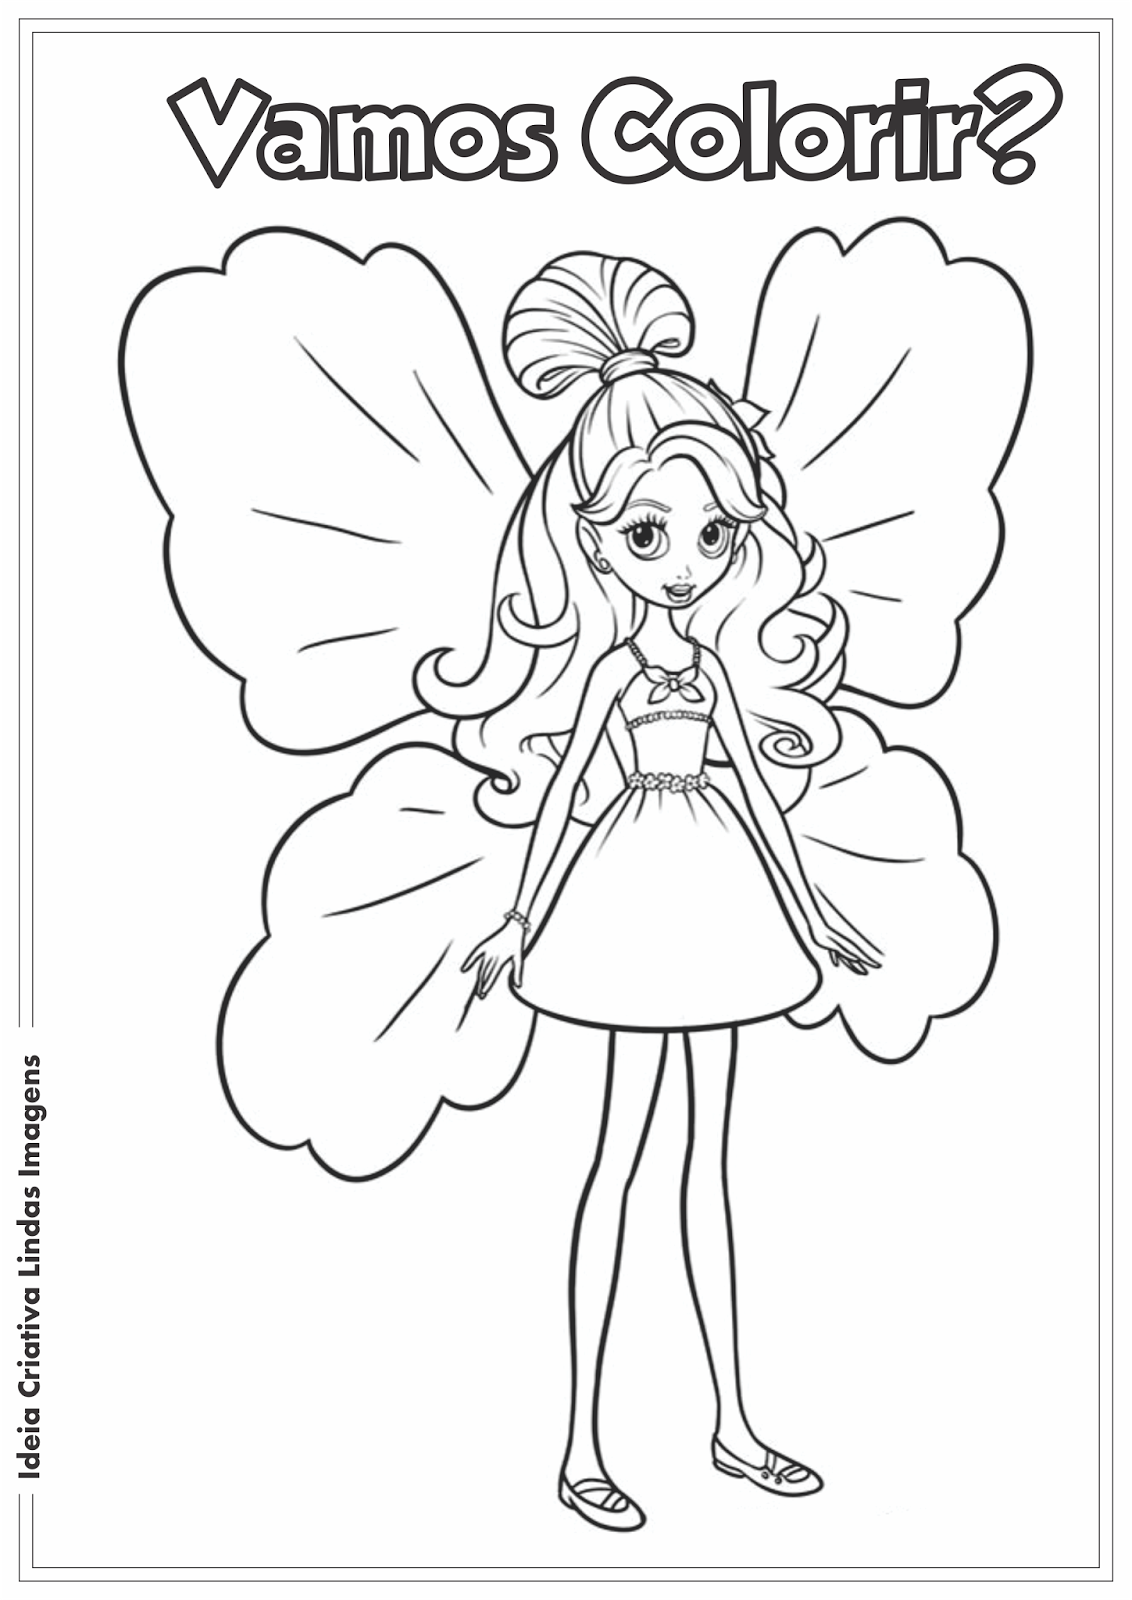 ideia criativa lindas imagens barbie thumbelina desenho pra